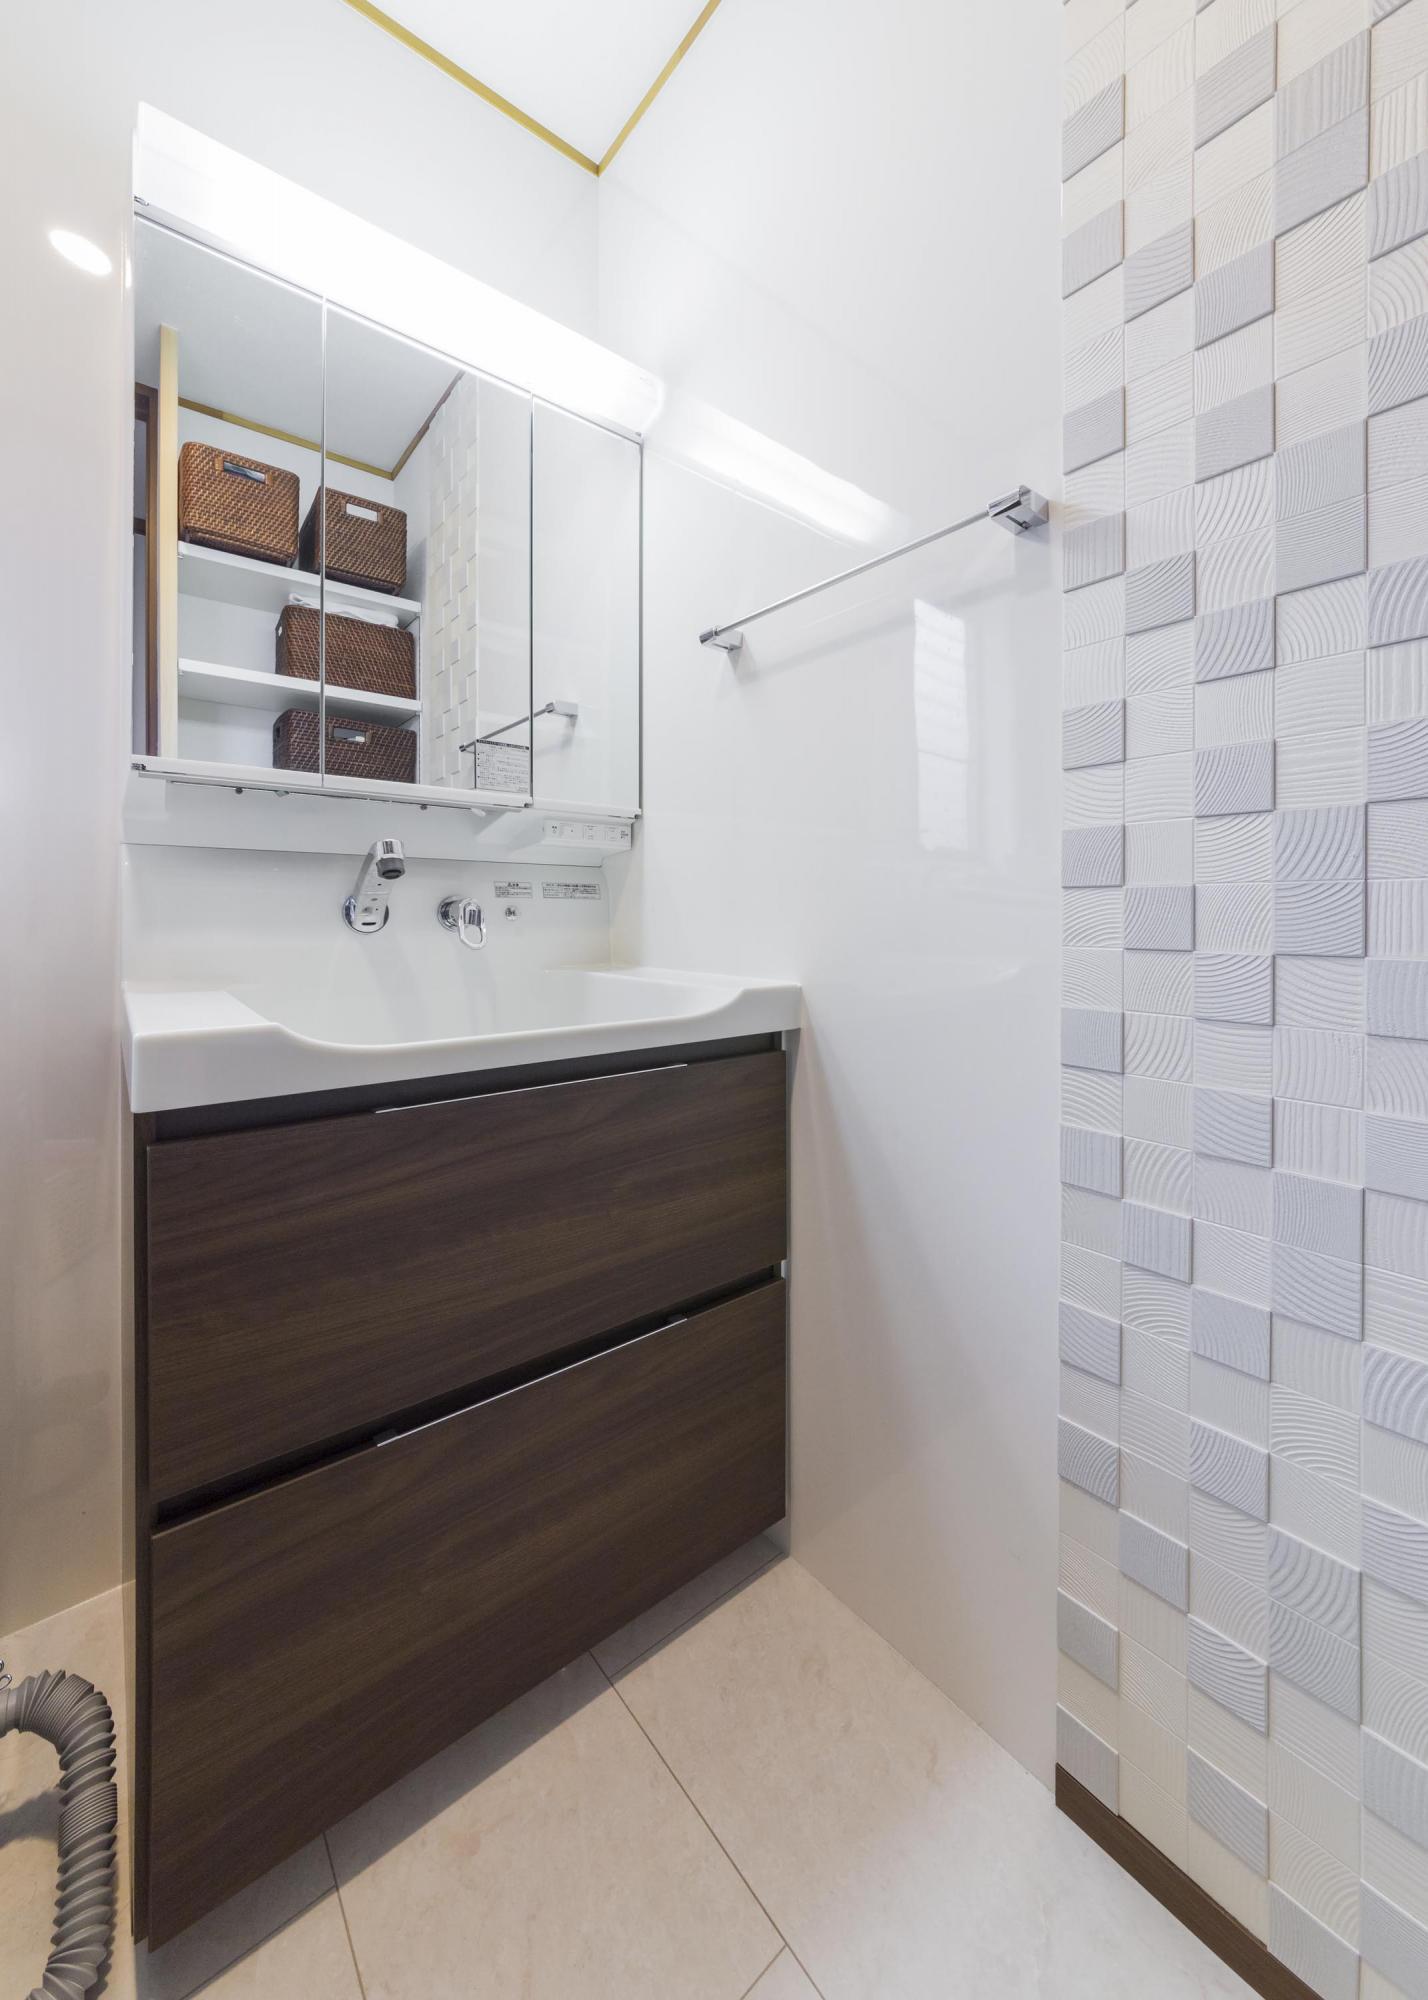 洗面室の壁には湿気などを吸収するエコカラットを採用。洗面化粧台の向かい側には収納棚を設け、タオルなどをさっと取り出しやすくした。